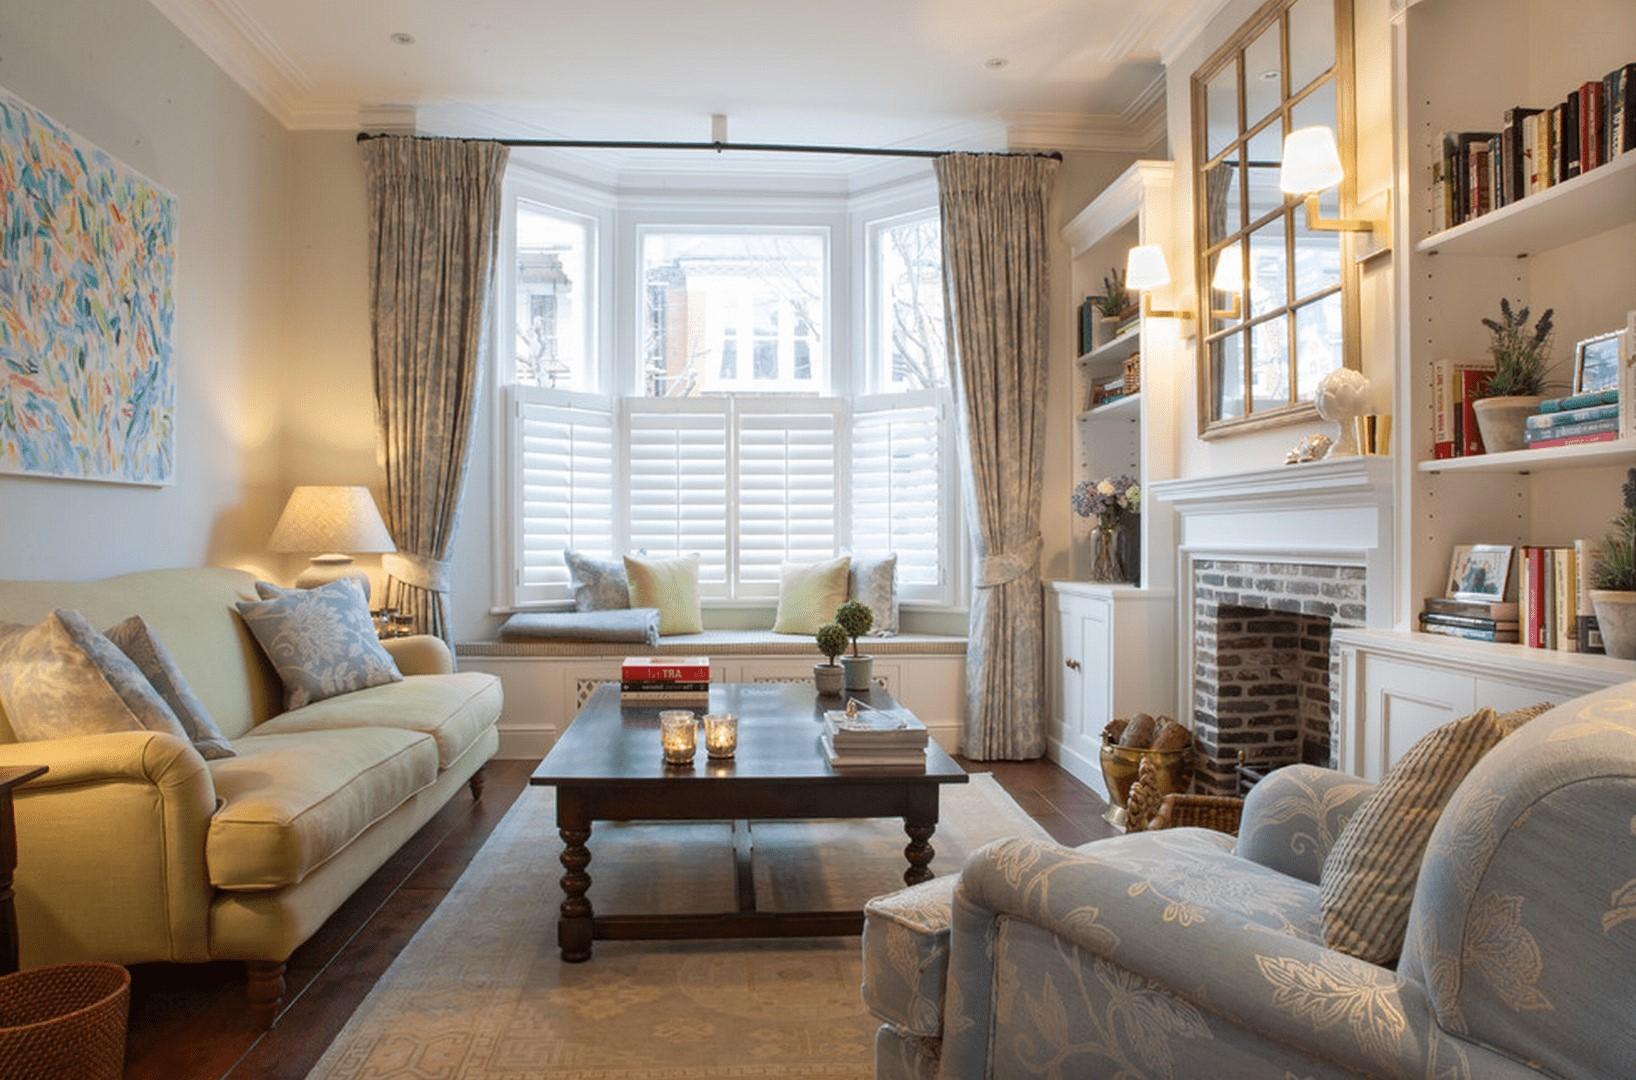 Les rideaux peuvent également allonger une petite pièce et la faire paraître plus grande.